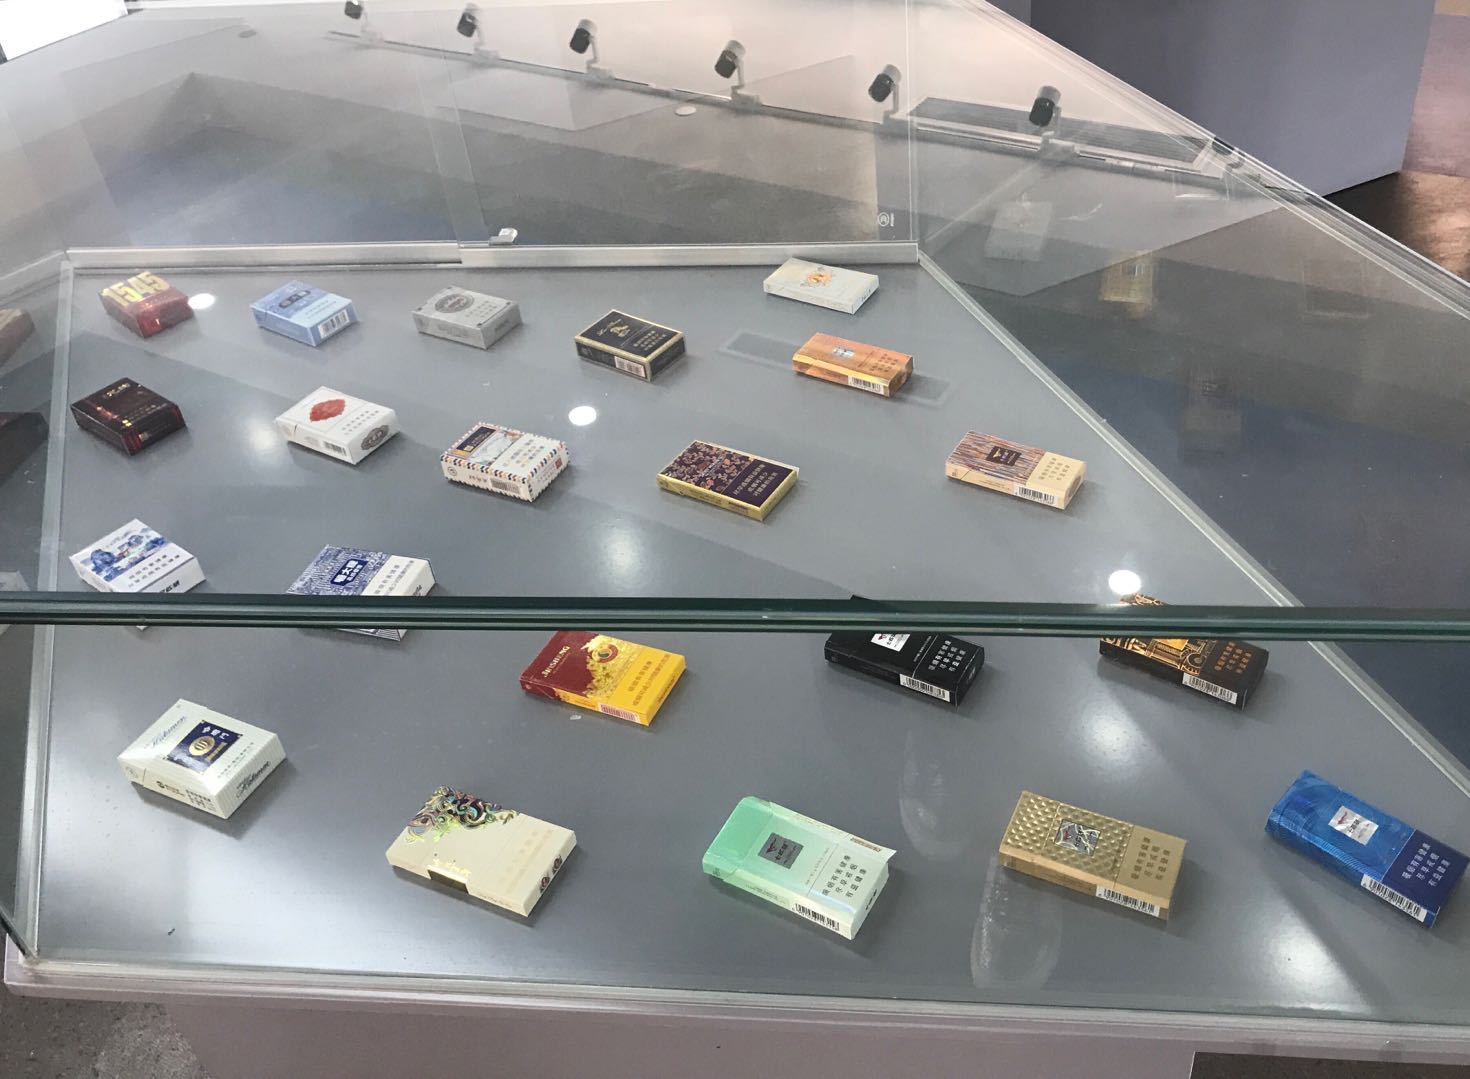 凯发线上娱乐手机版印务年产110万大箱烟标生产线迁建、技改、扩能项目竣工环境保护验收监测